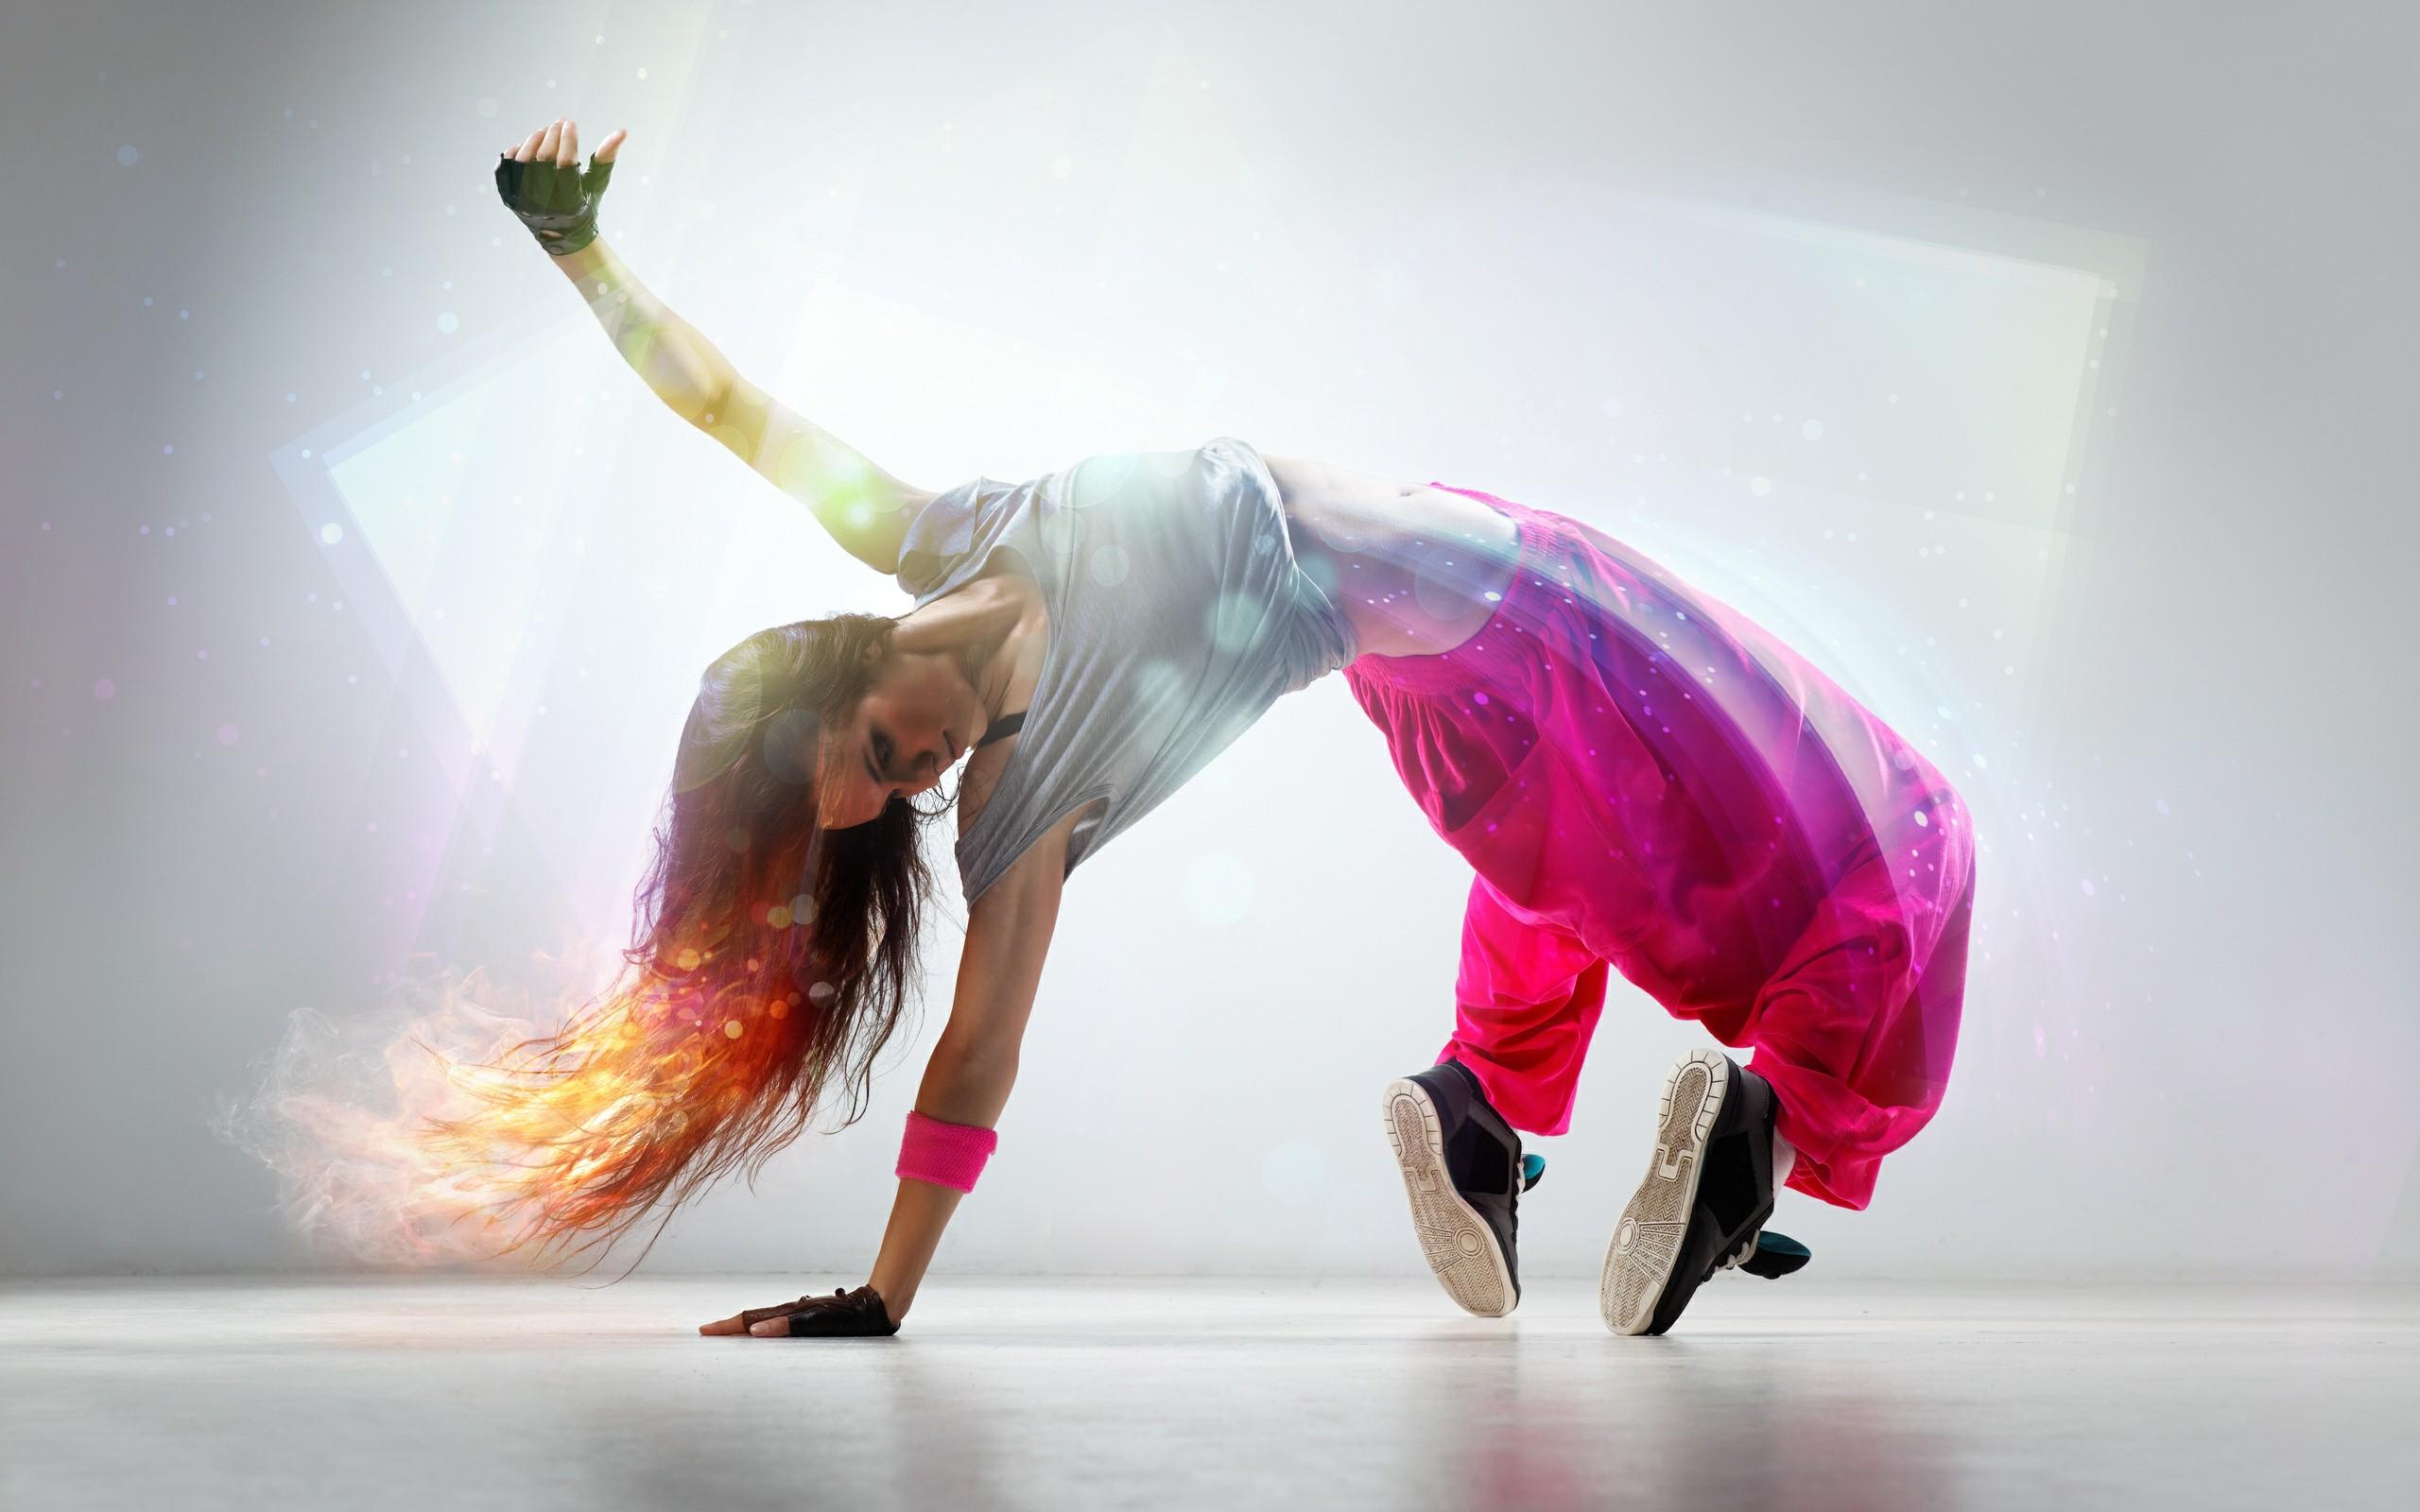 416-taniec-hip-hop-dziewczyna.jpg